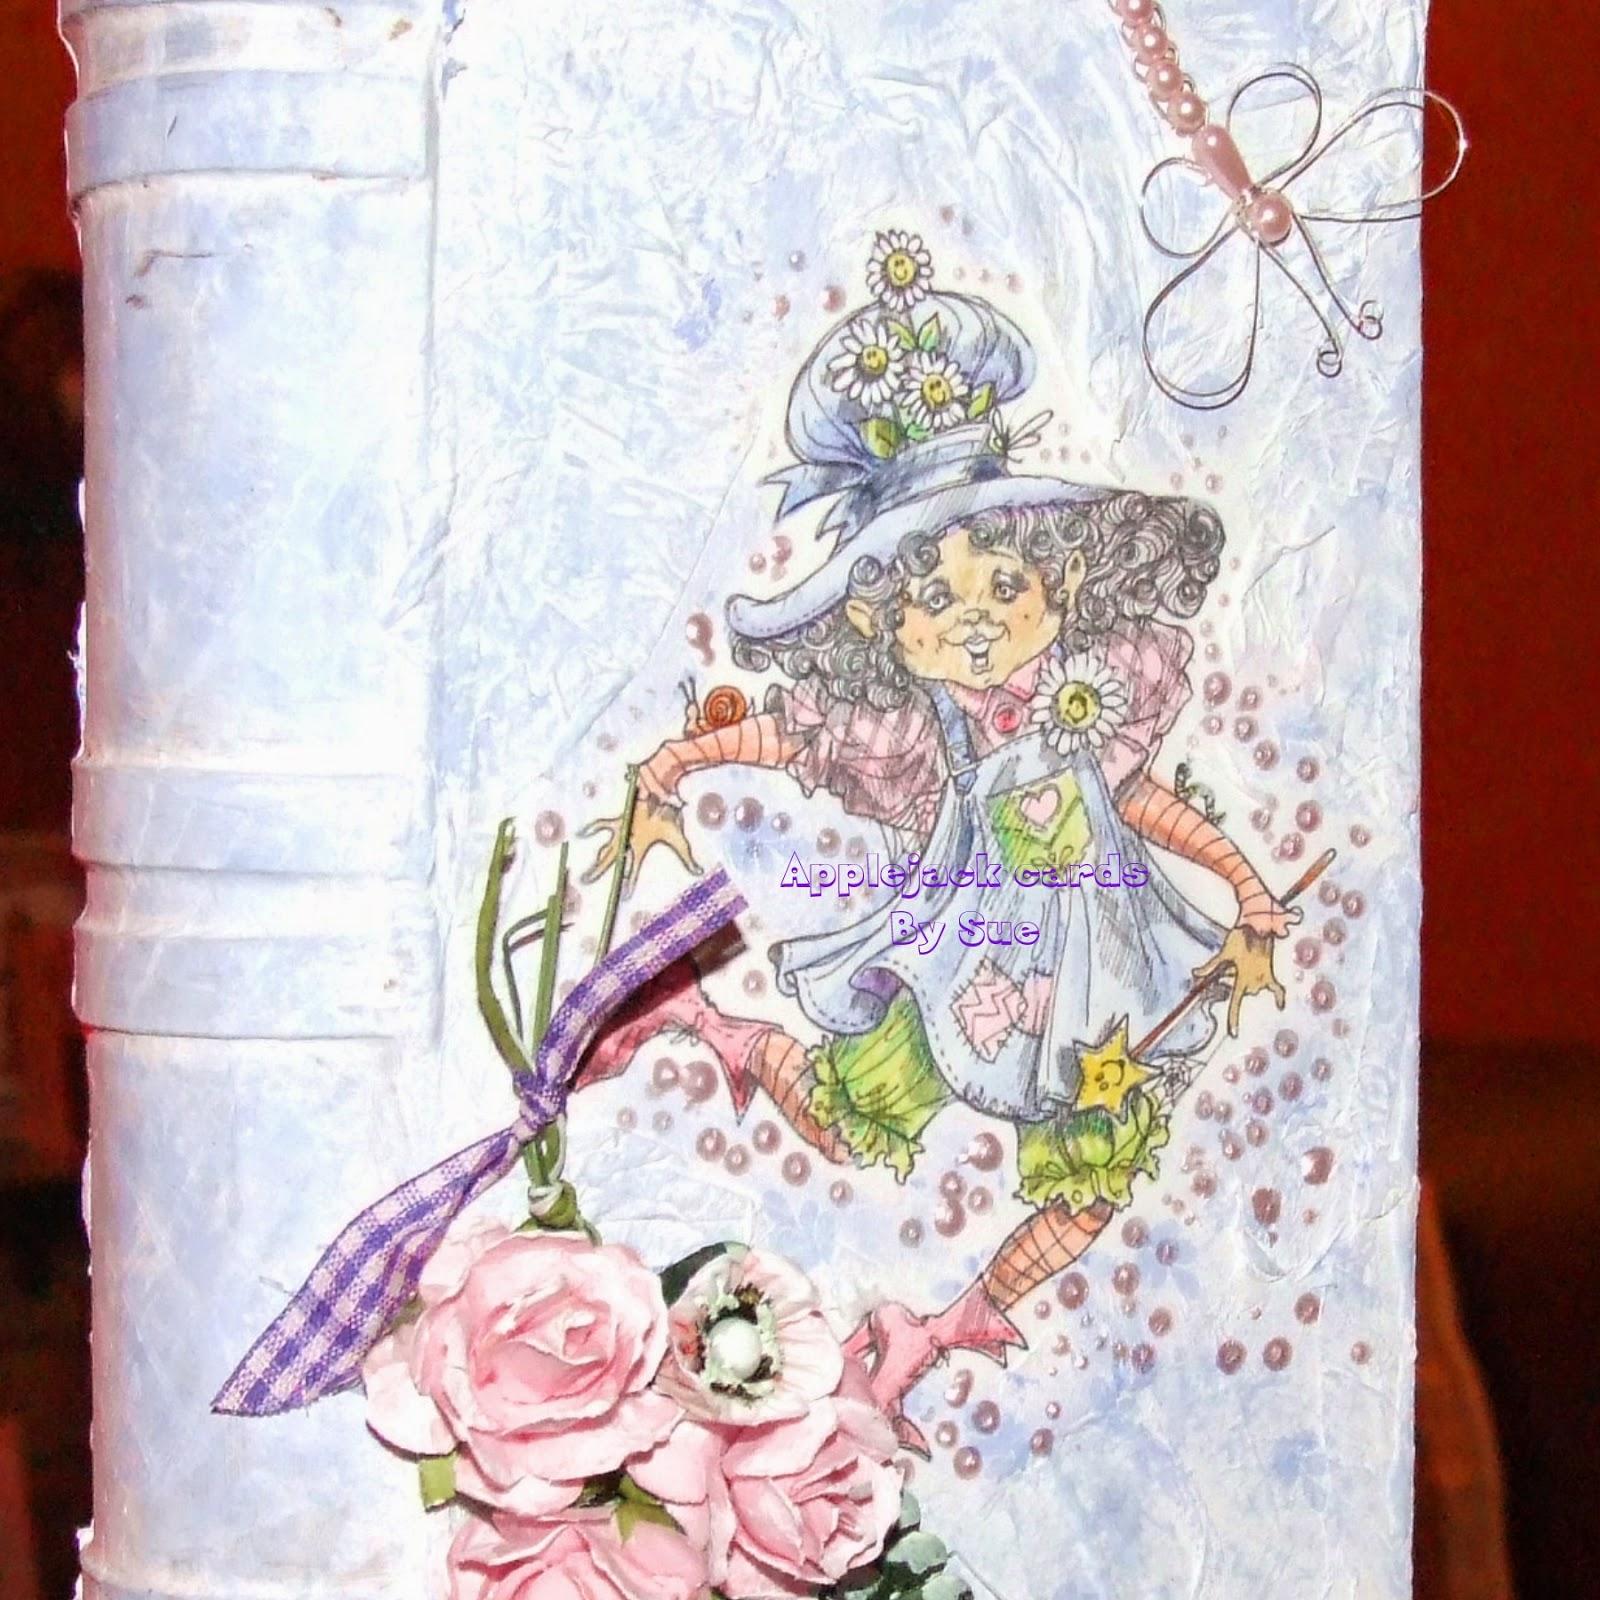 http://1.bp.blogspot.com/-oSeB1HsBT7s/VT-h4yTlKsI/AAAAAAAADjY/N2bJXxPU-S0/s1600/Jasmine%2B1a.jpg